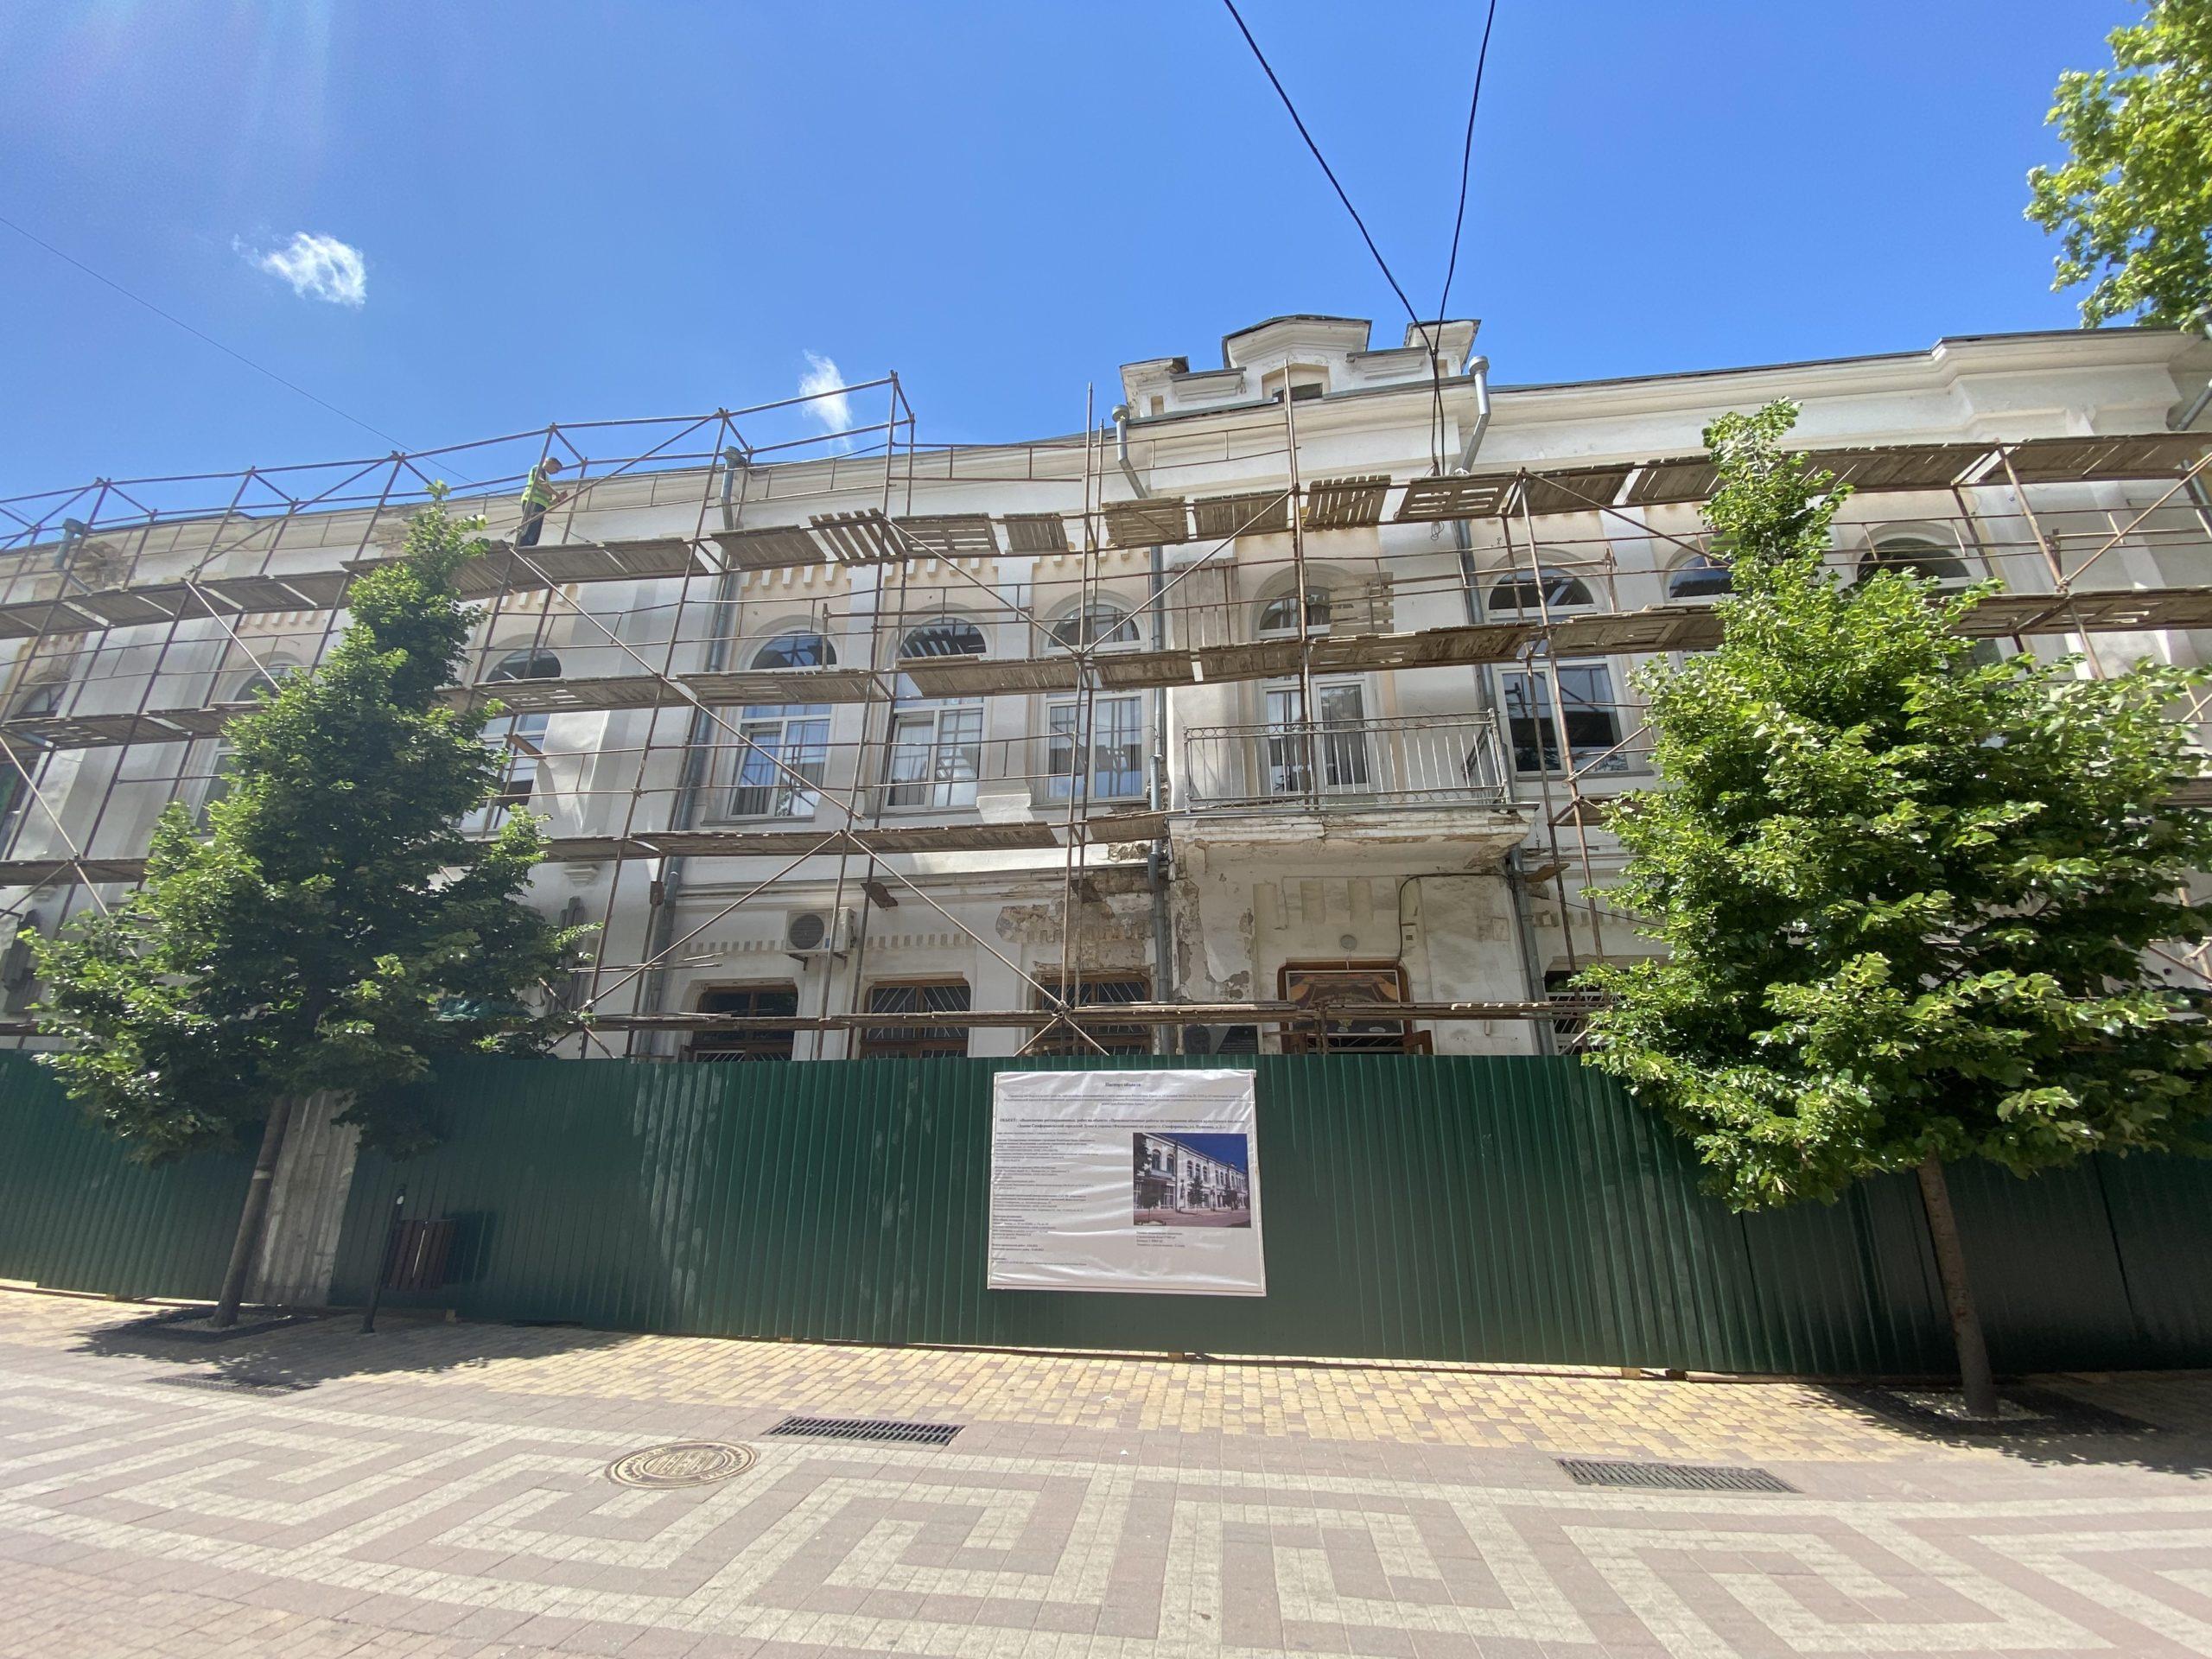 В центре Симферополя началась реконструкция здания Крымской филармонии